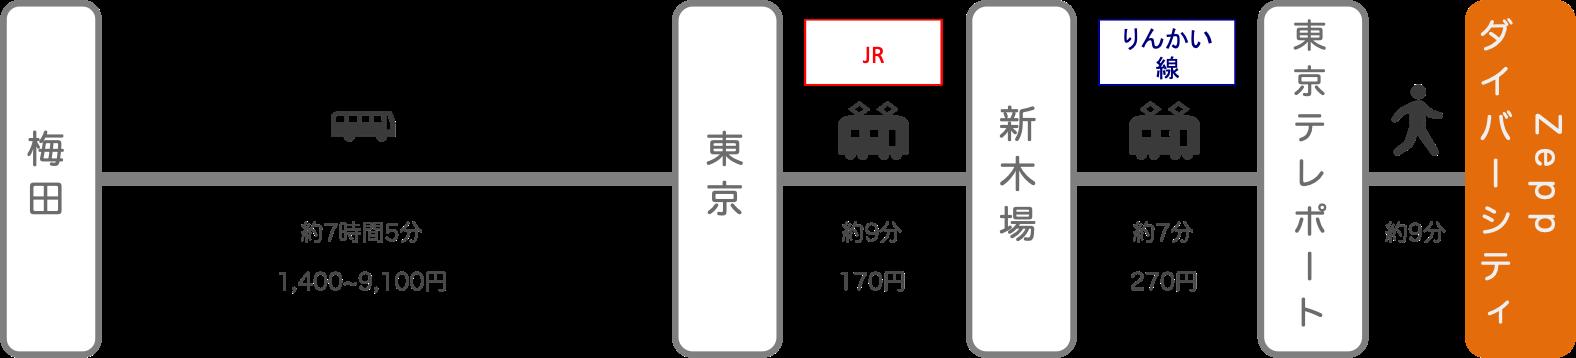 Zeppダイバーシティ_大阪_高速バス